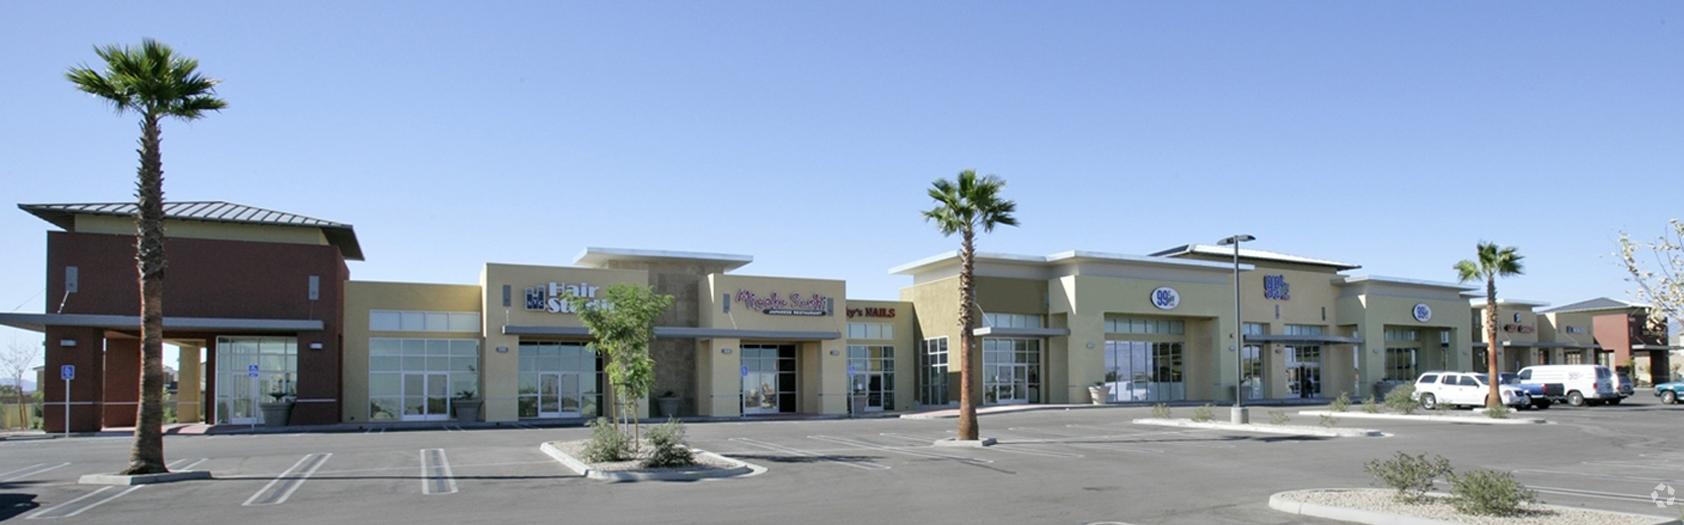 Shops at Topaz